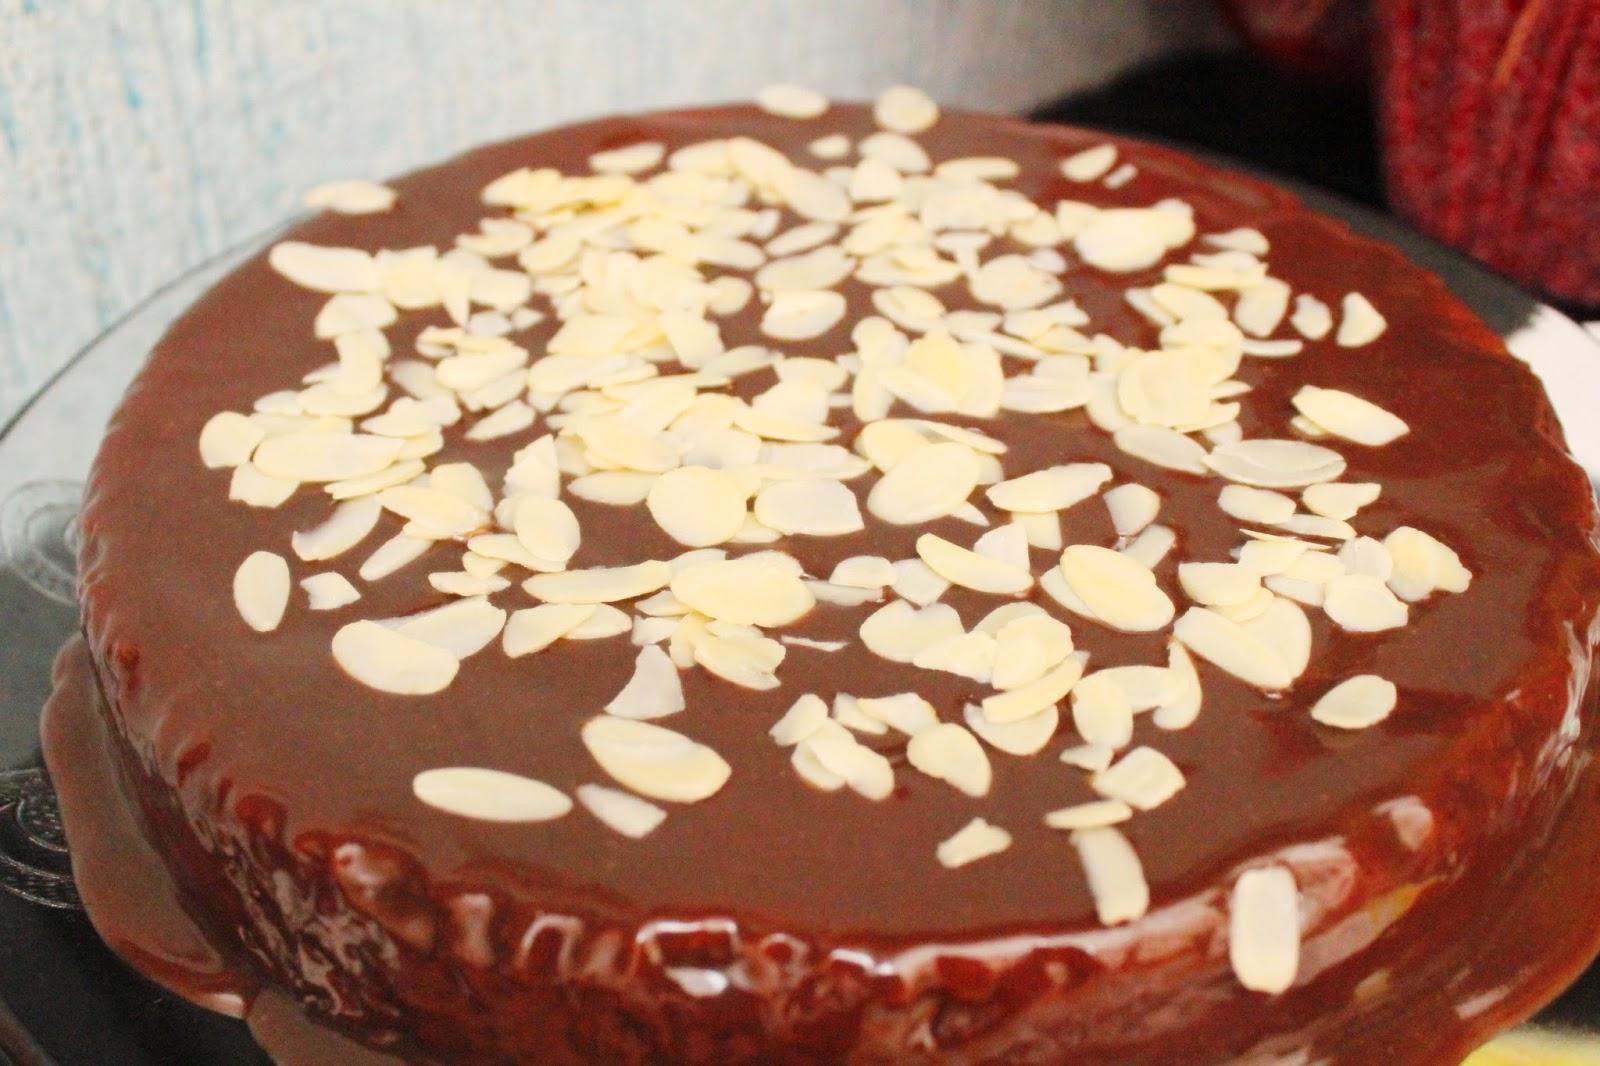 Bolo de cenoura, bolo de cenoura com farinha de aveia e amêndoas